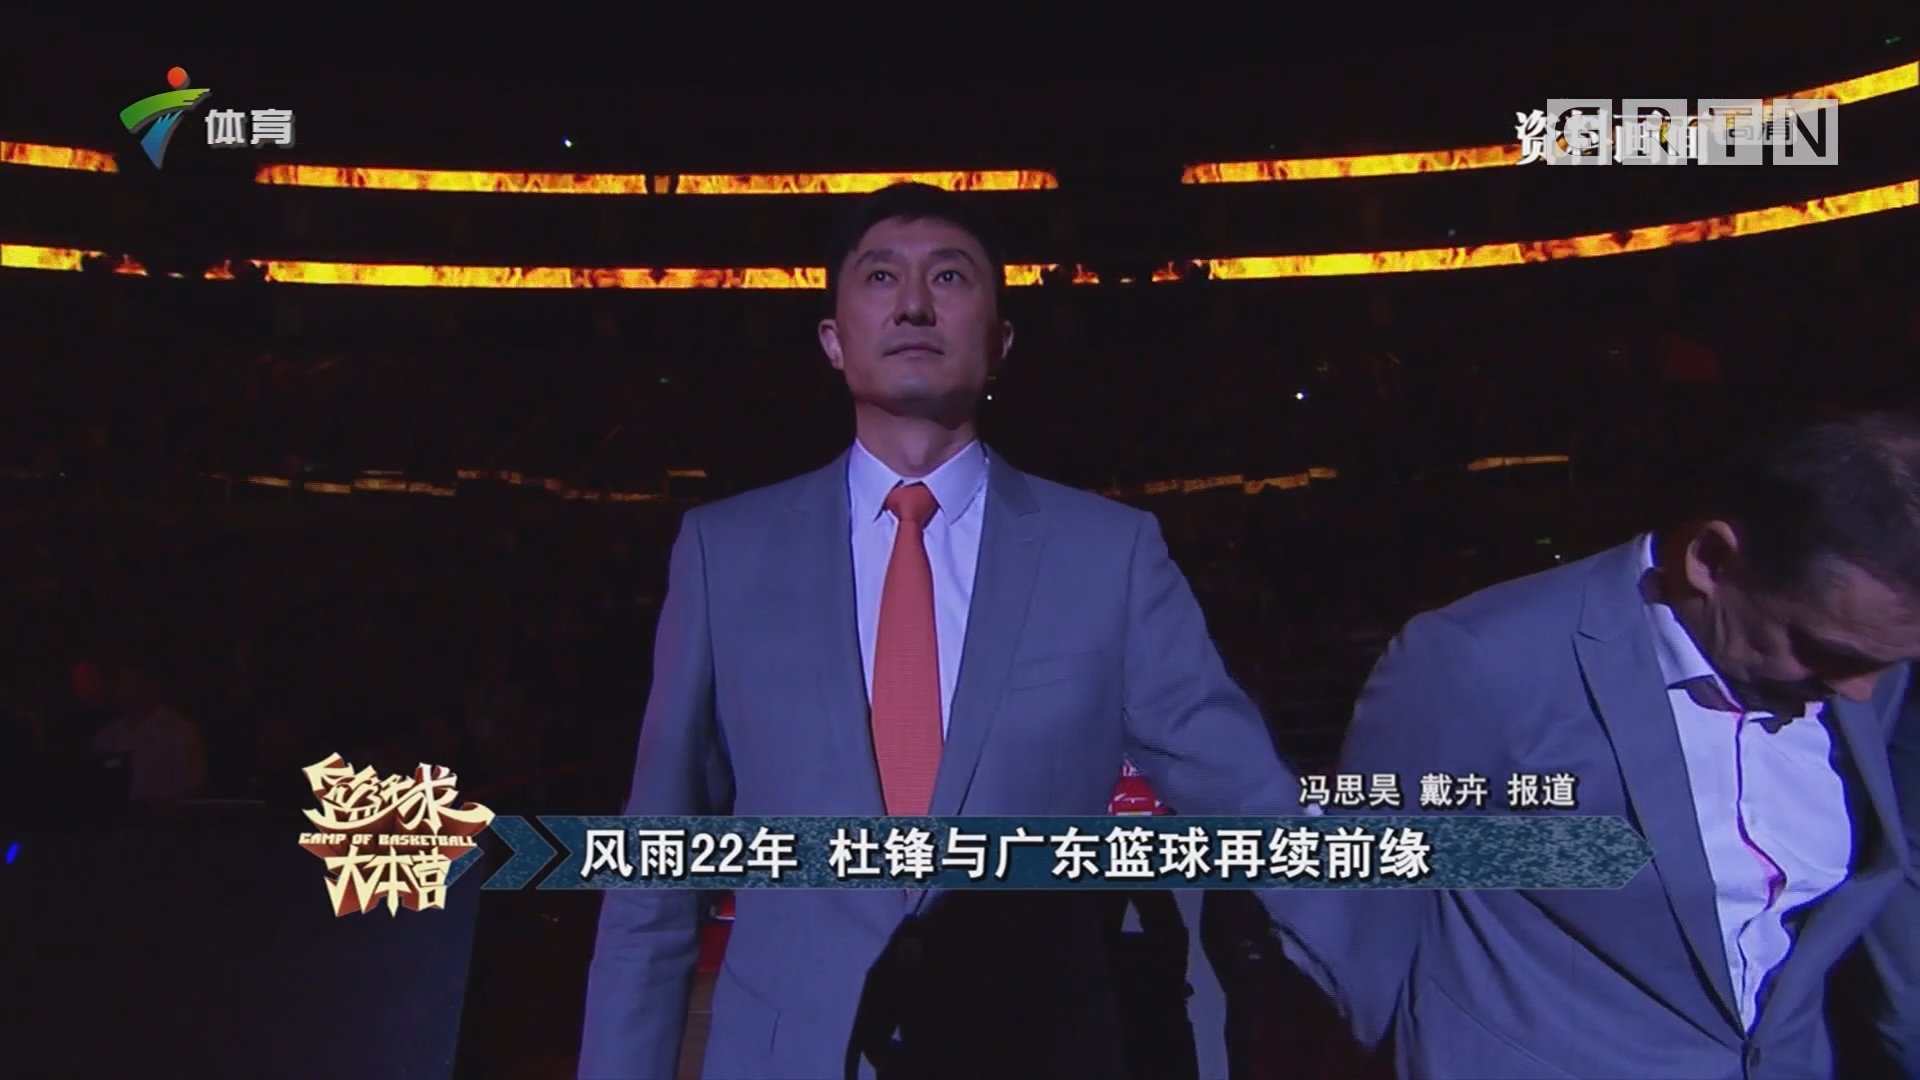 风雨22年 杜锋与广东篮球再续前缘